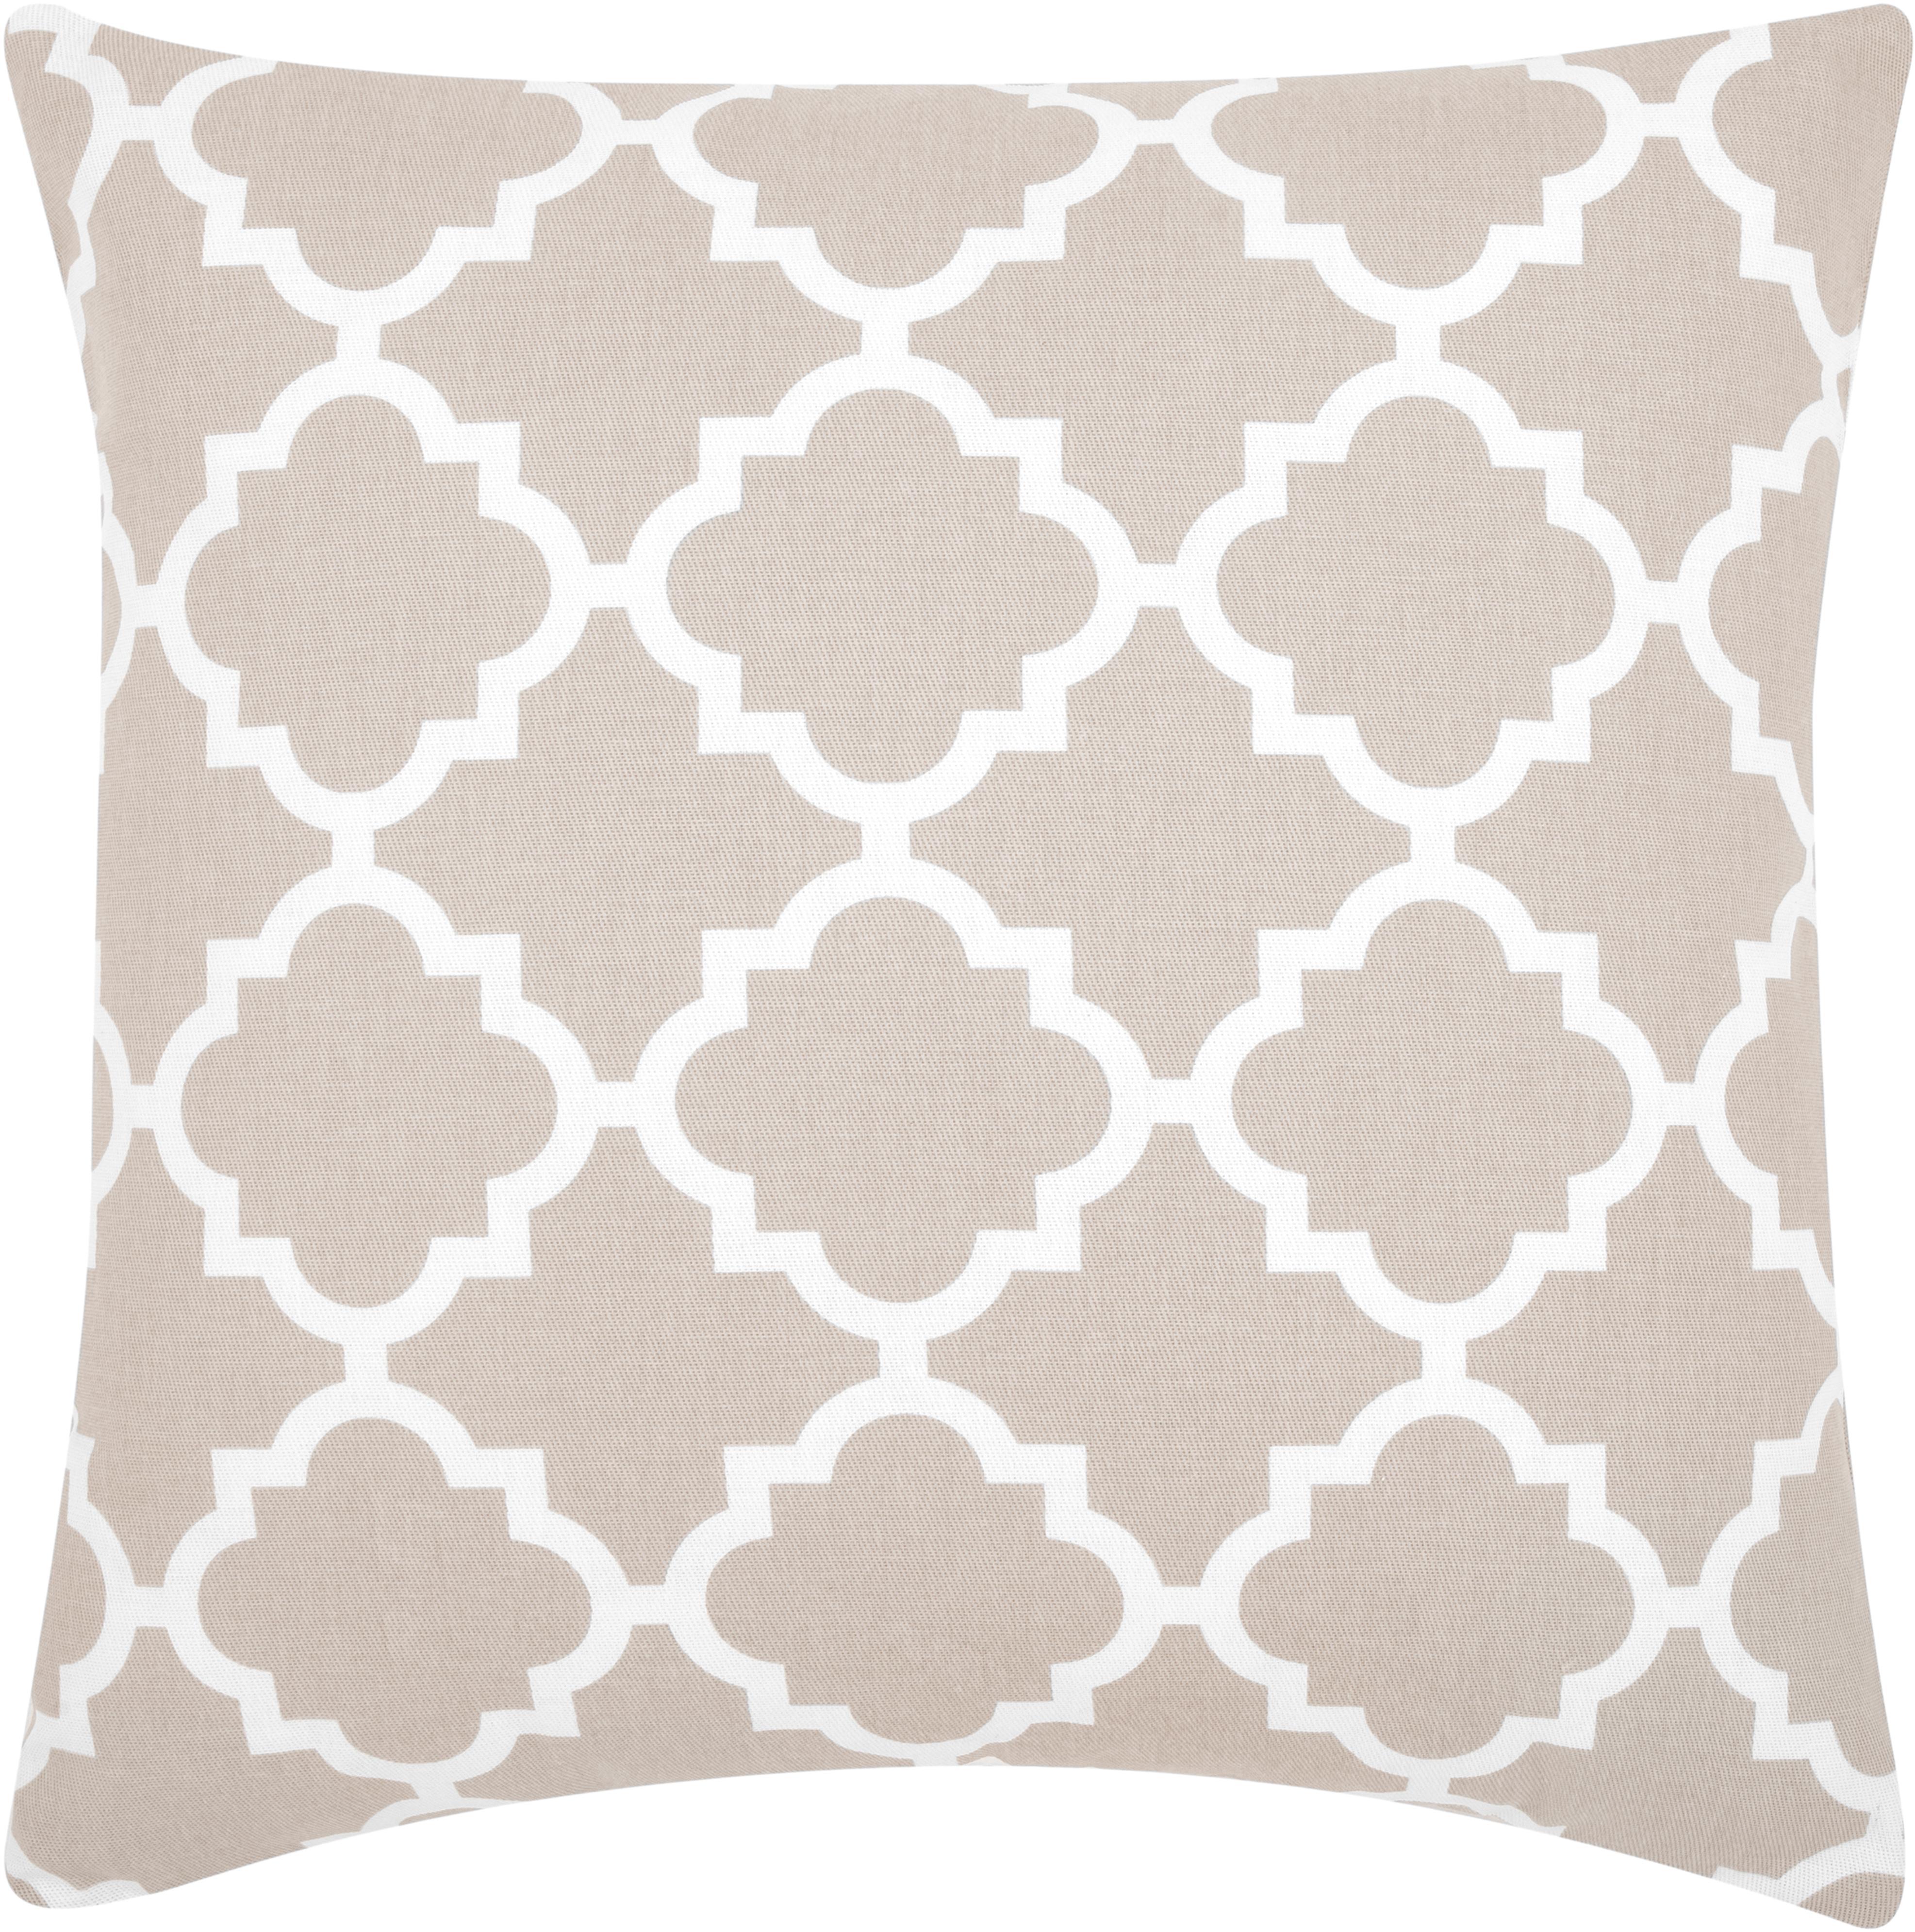 Kissenhülle Lana mit grafischem Muster, 100% Baumwolle, Beige, Weiß, 45 x 45 cm